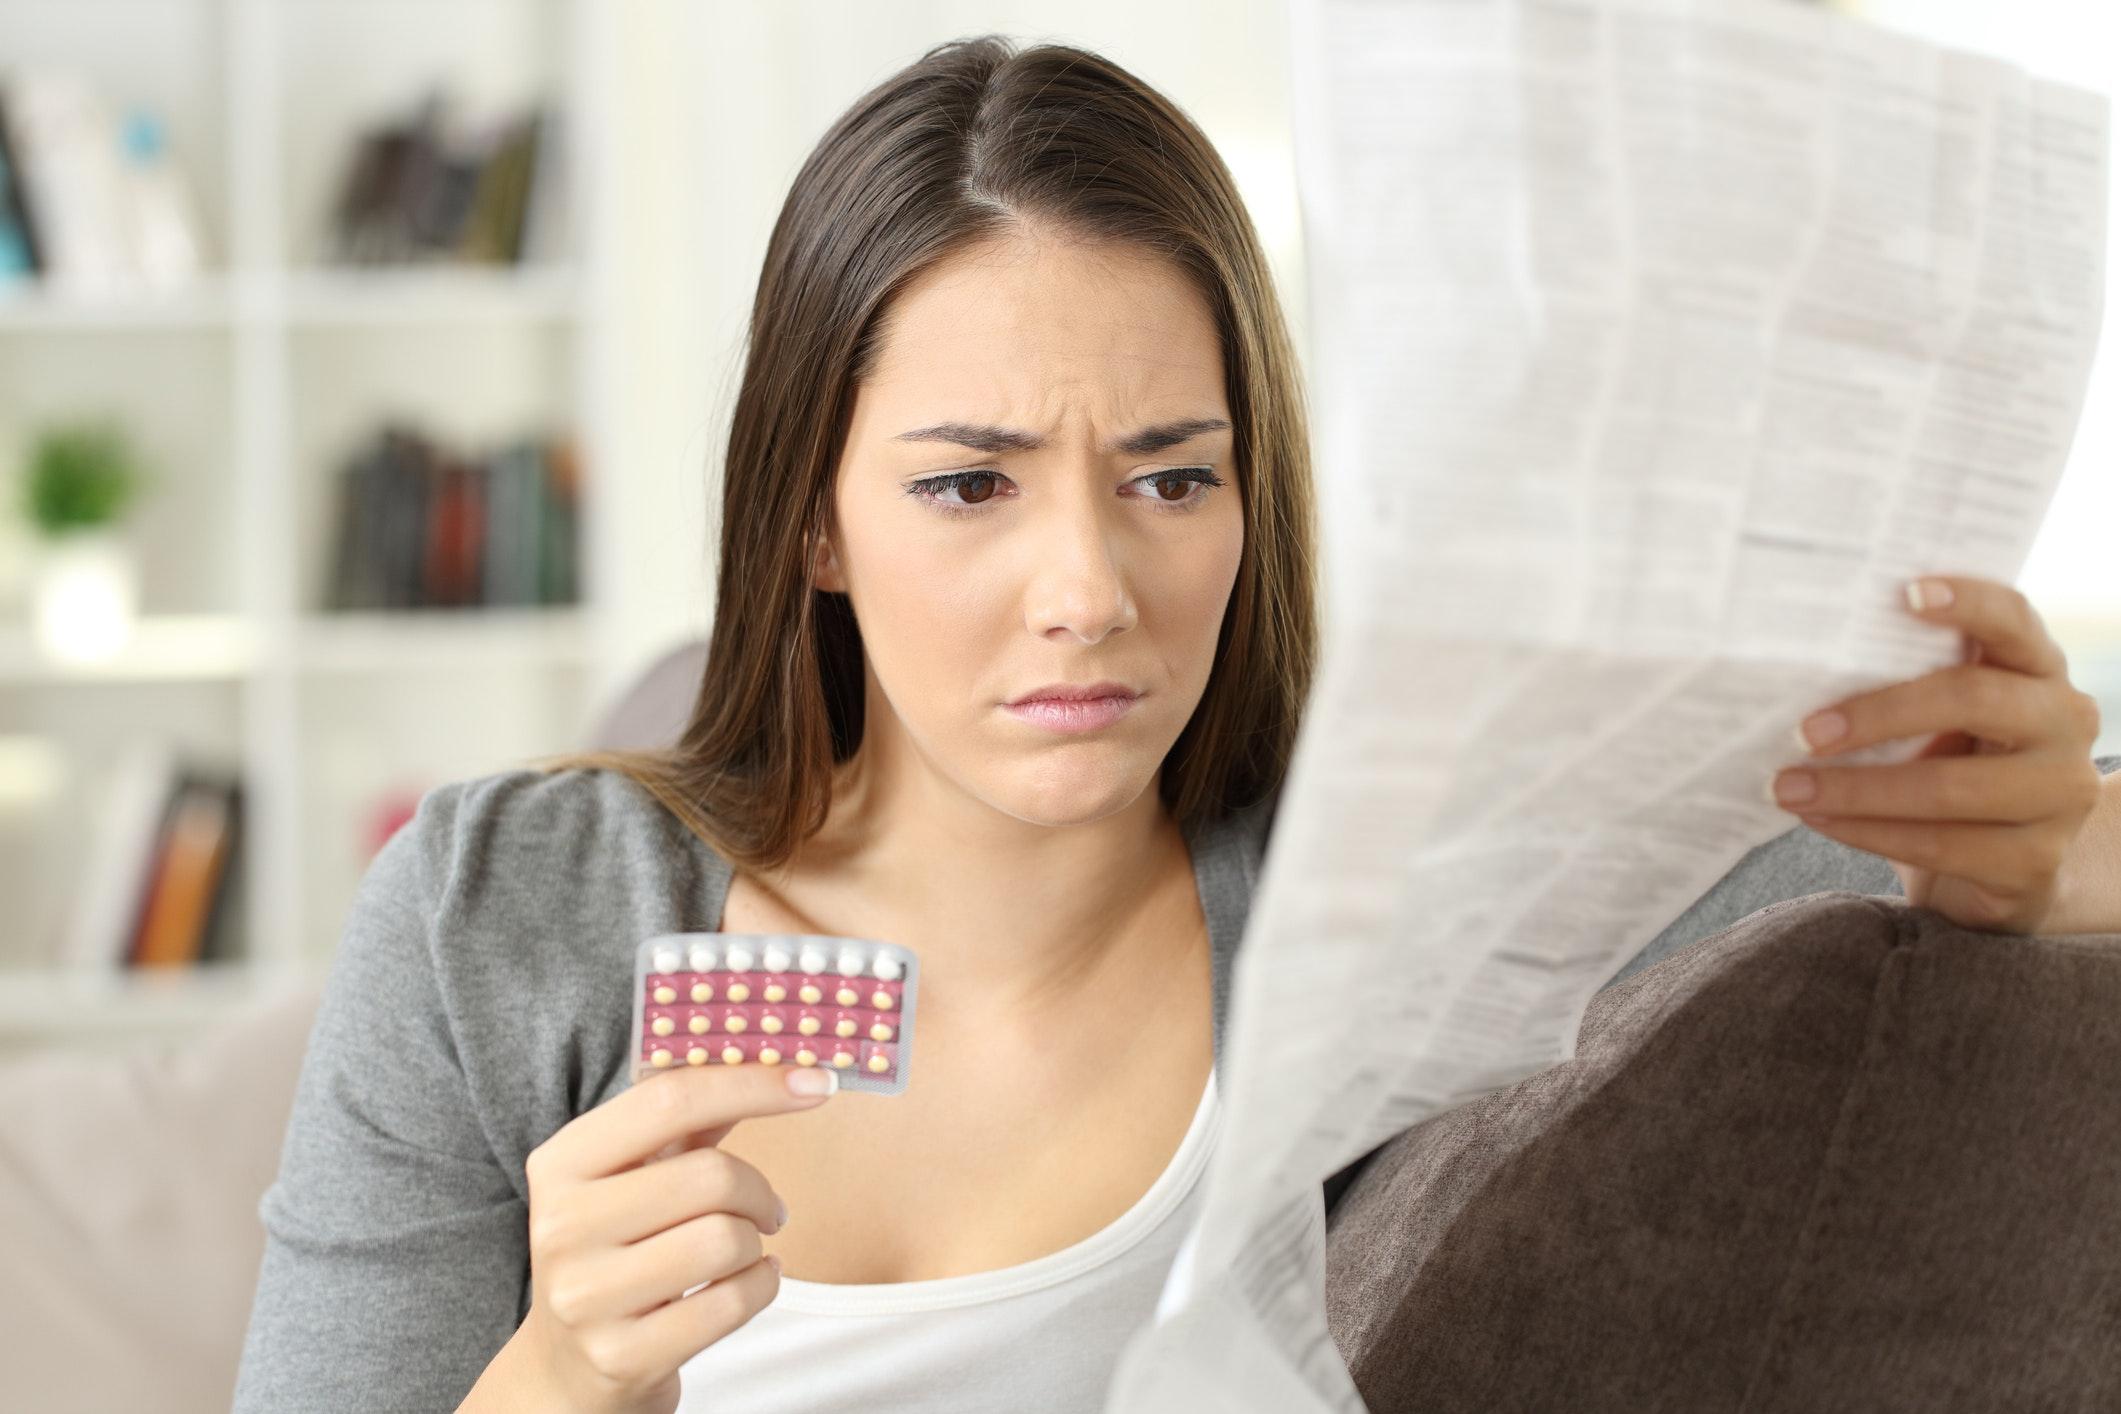 modne kvinder ægløsning efter p piller